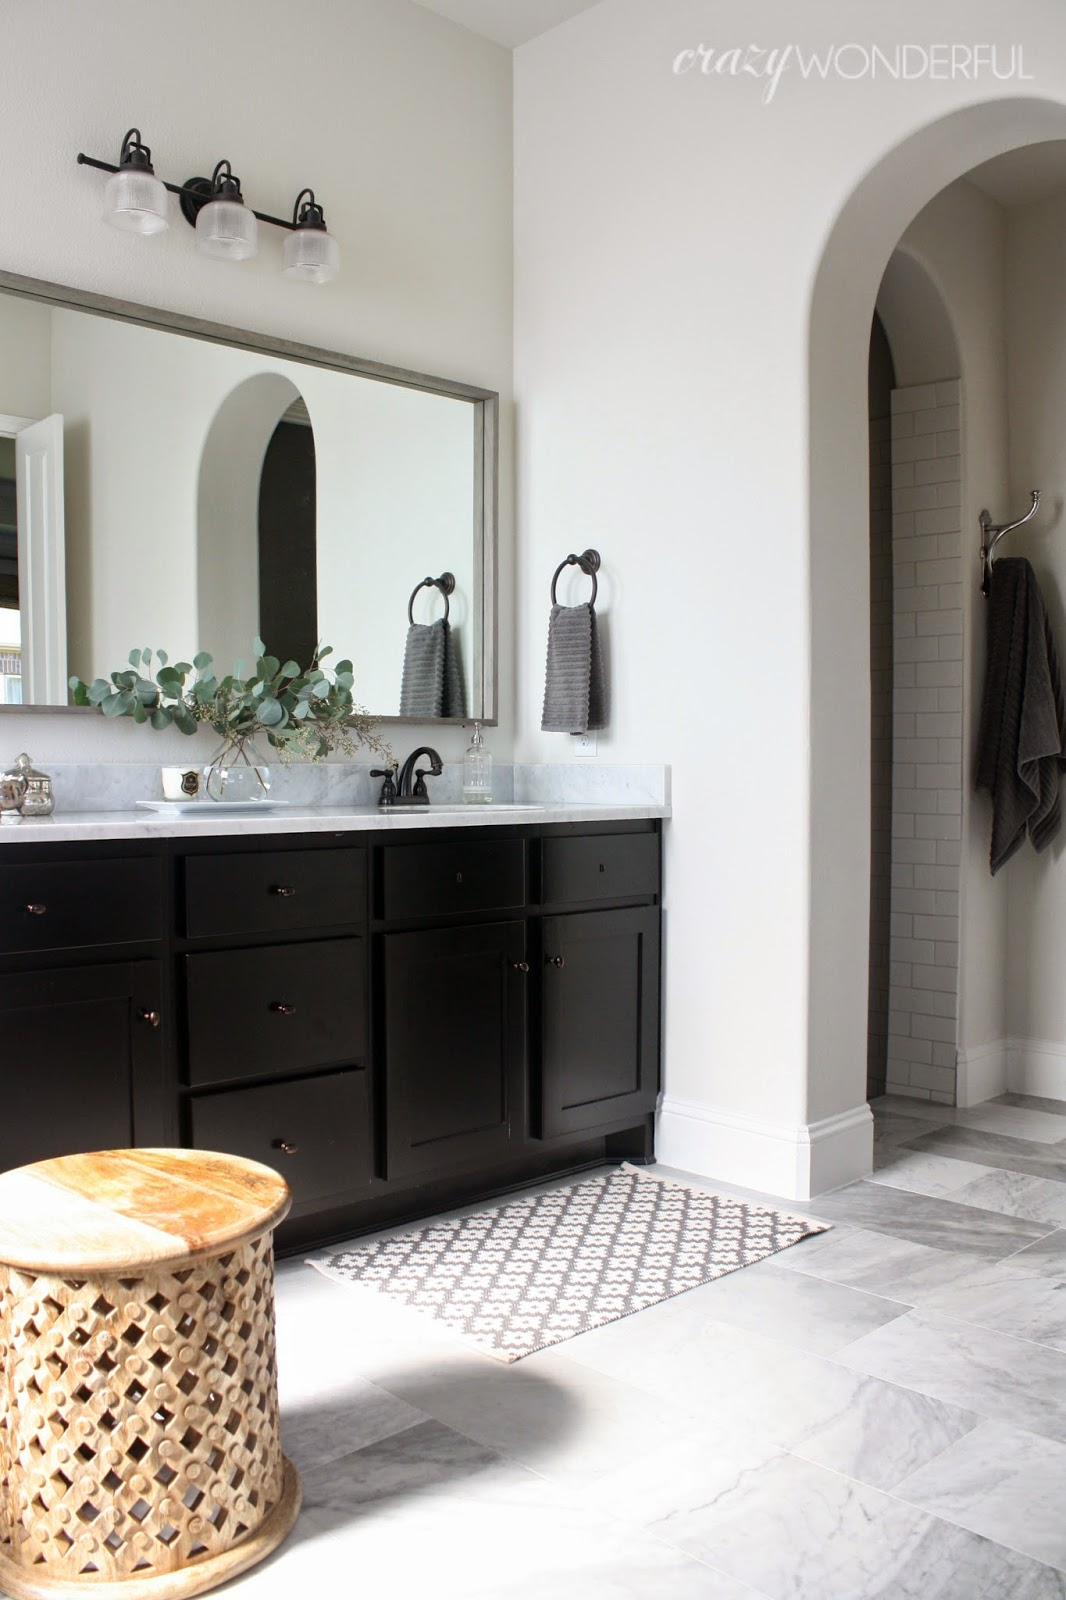 Diy Bathroom Mirror Crazy Wonderful Framed Bathroom Mirror